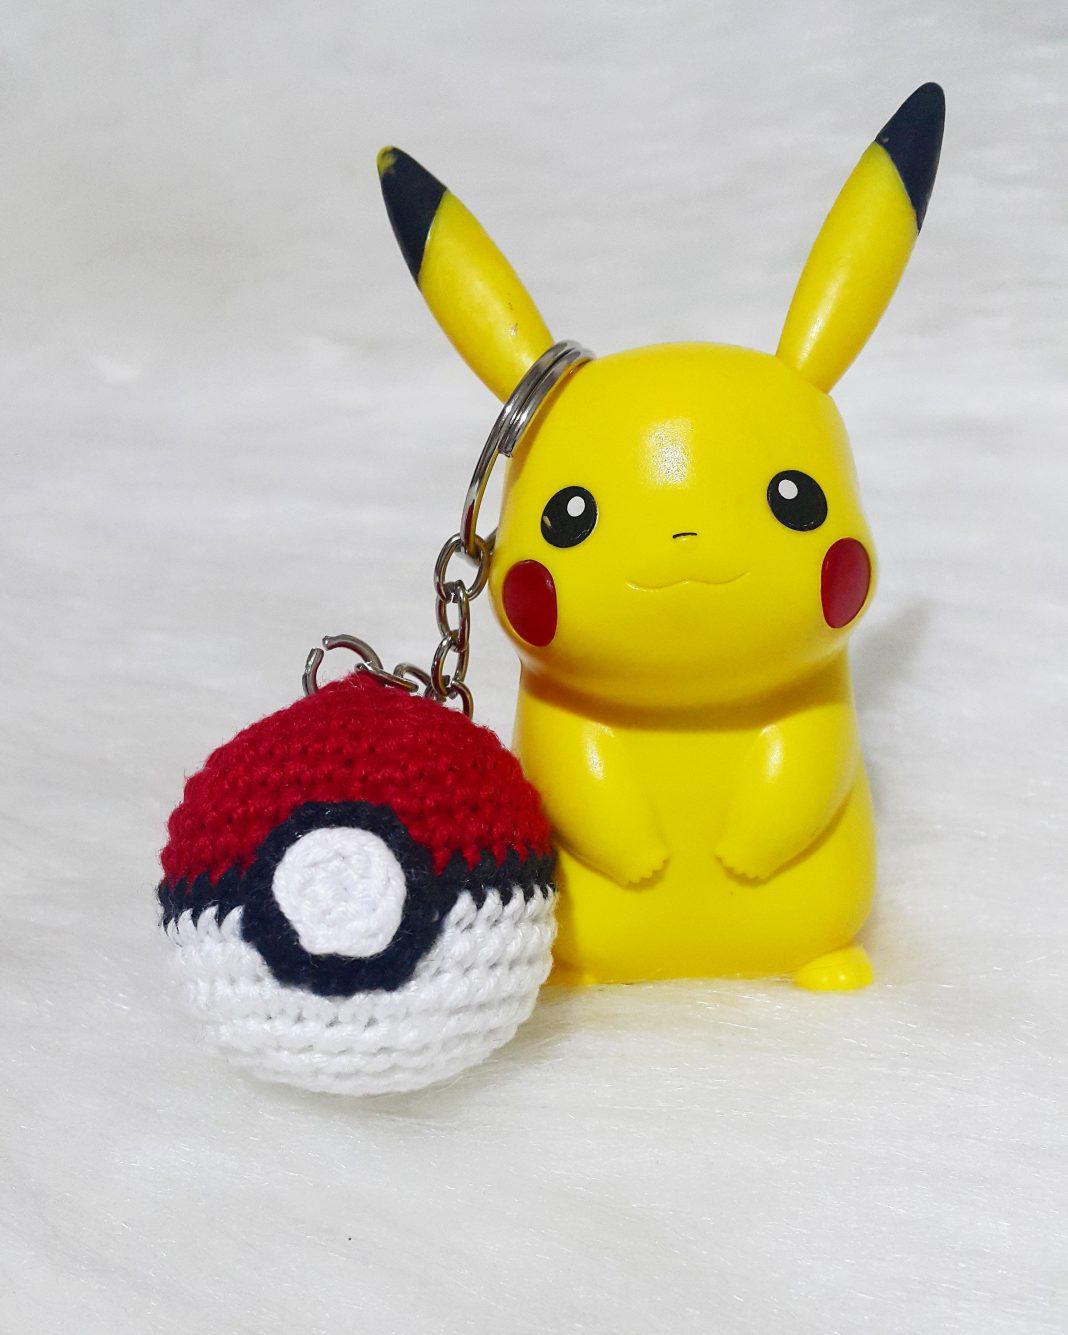 amigurumi-pokemon-go-topu-anahtarlik-yapimi